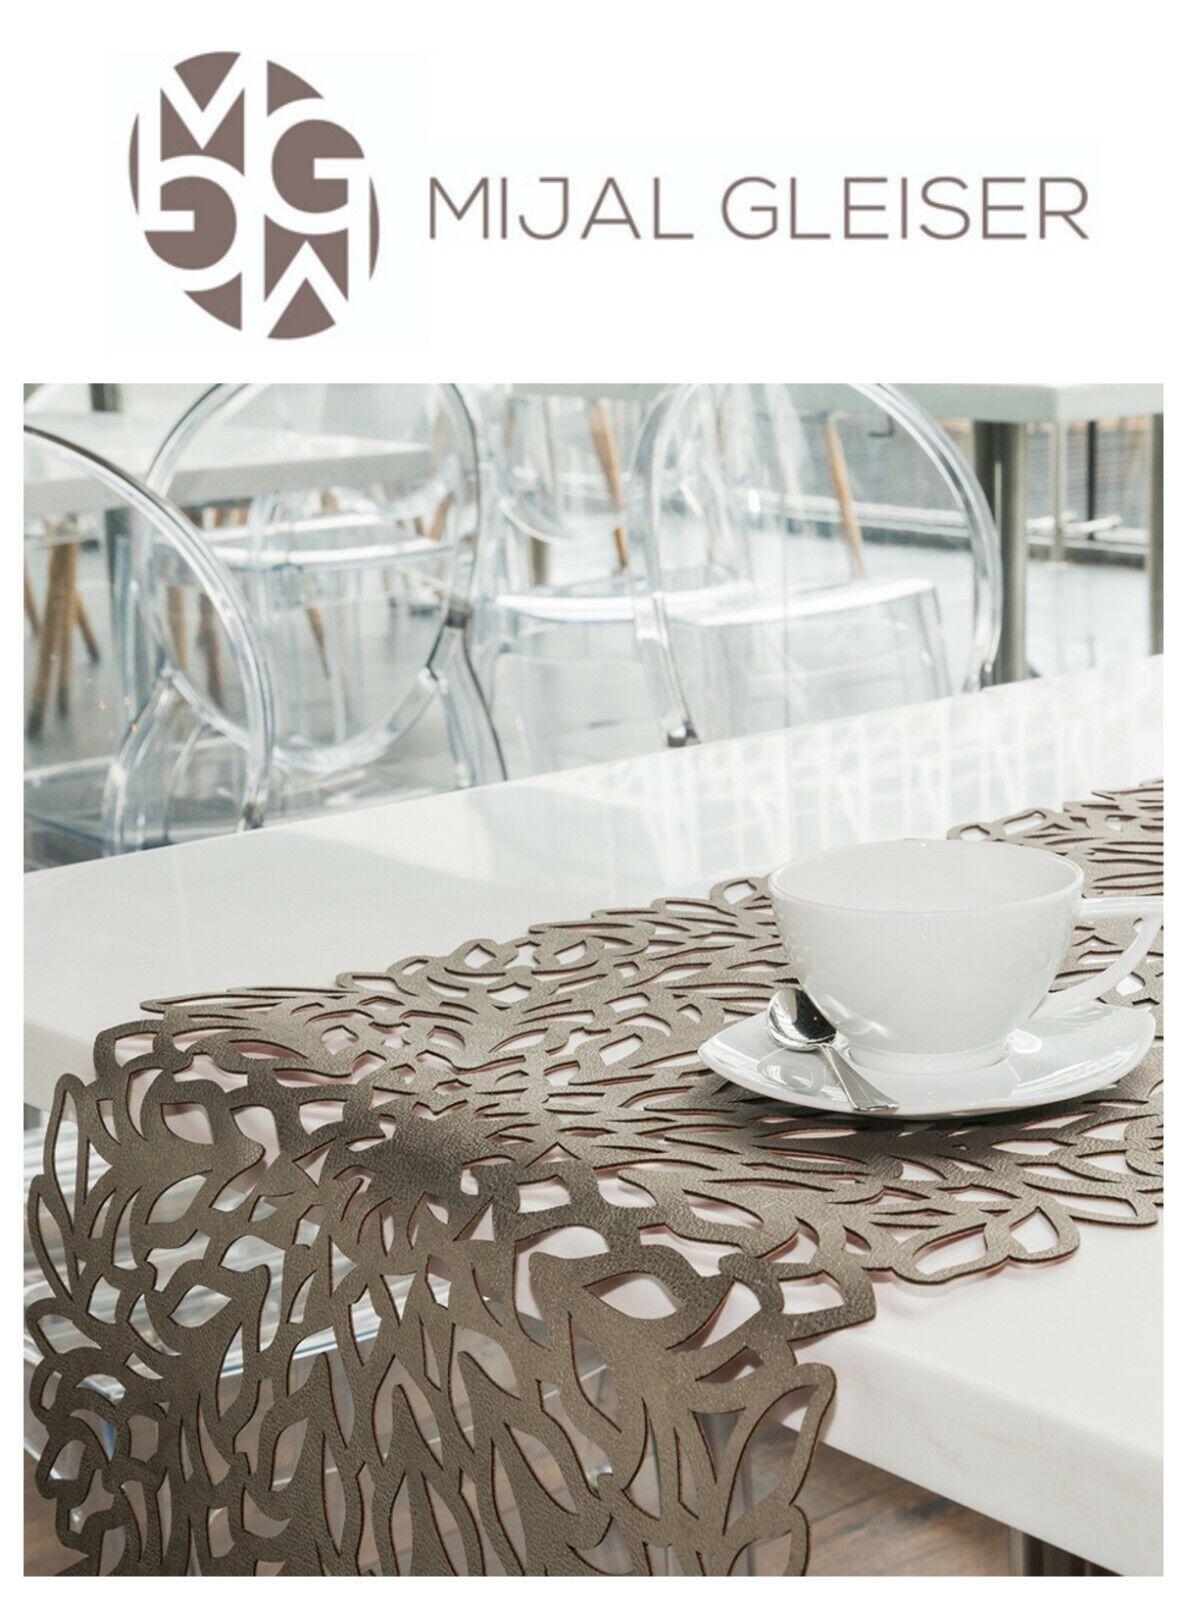 Mijal Gleiser double face Table Runner Découpe Laser résistant à la chaleur 55  X 16